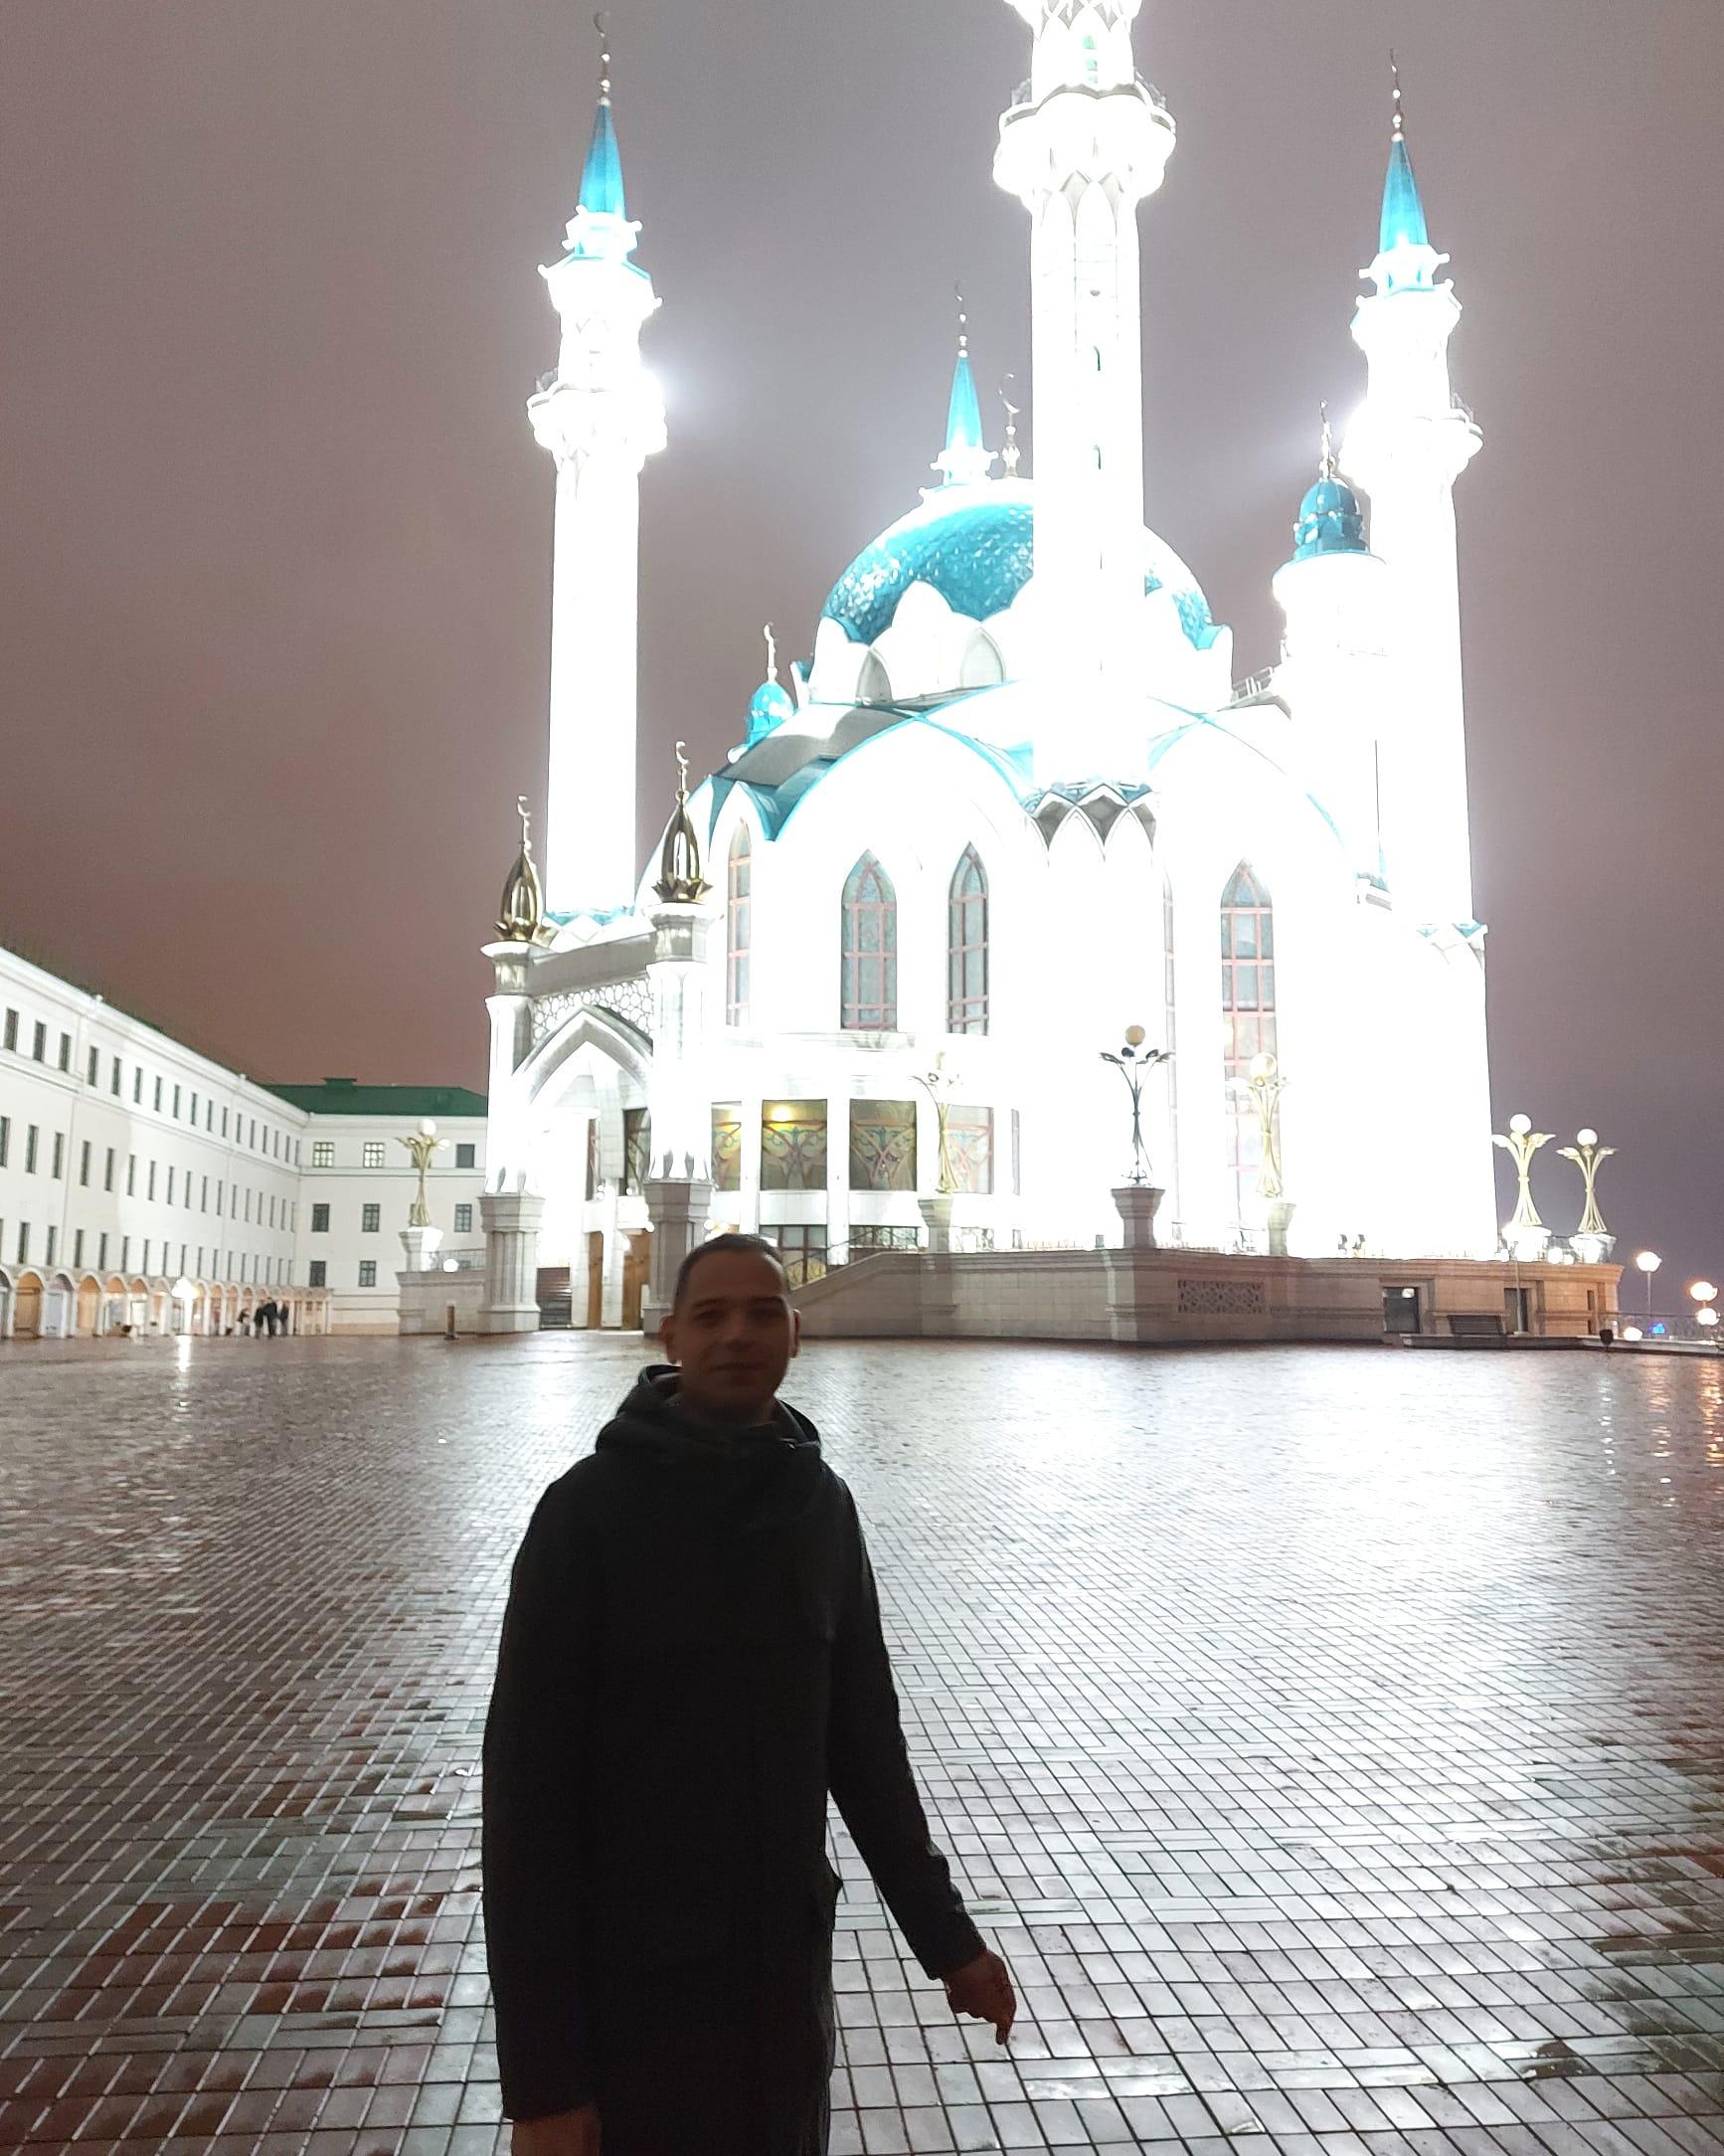 23 1 - Republica do tartaristão Rússia